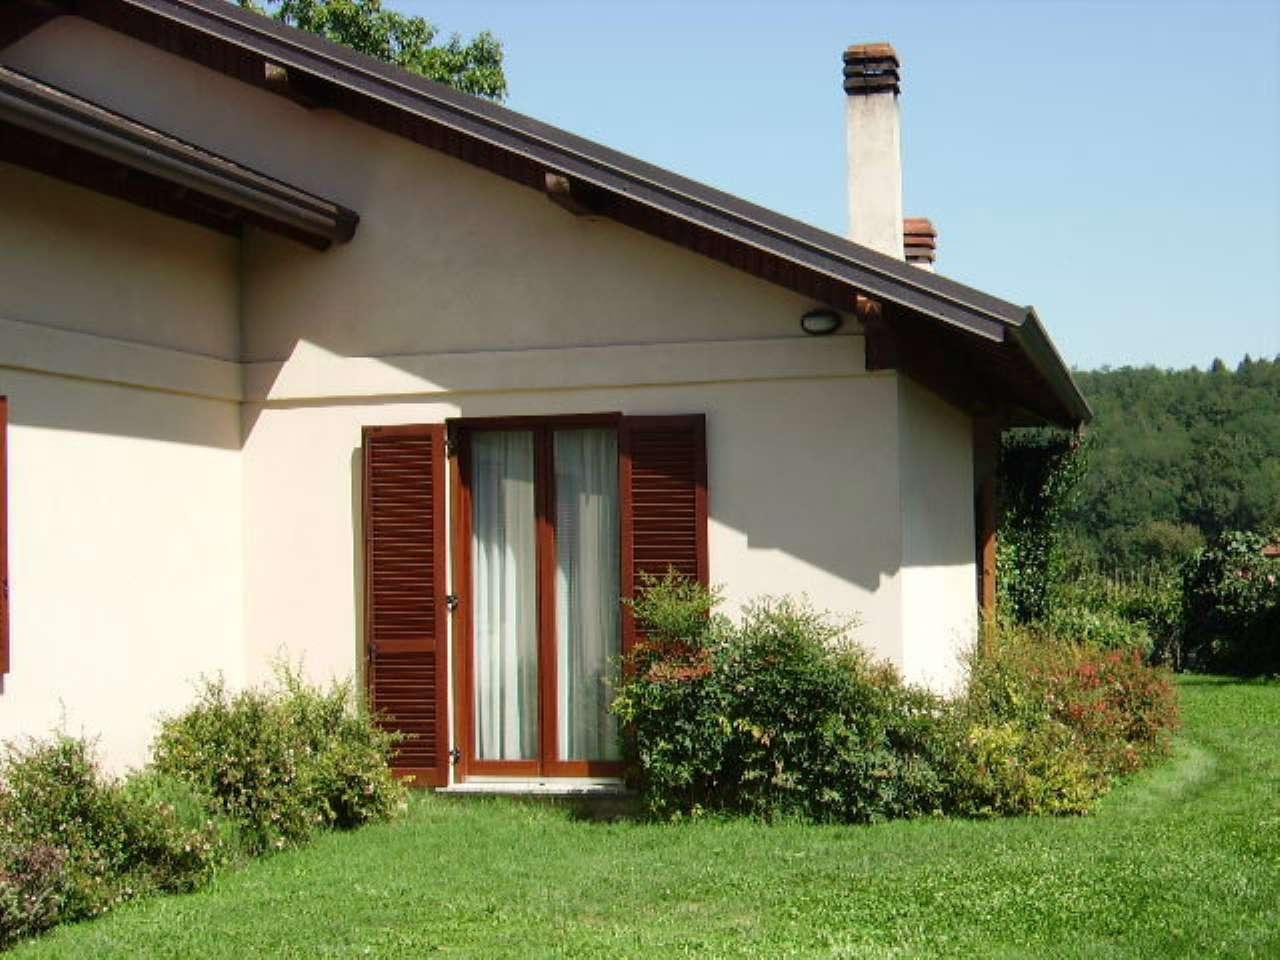 Villa in vendita a Alserio, 5 locali, prezzo € 389.000 | CambioCasa.it